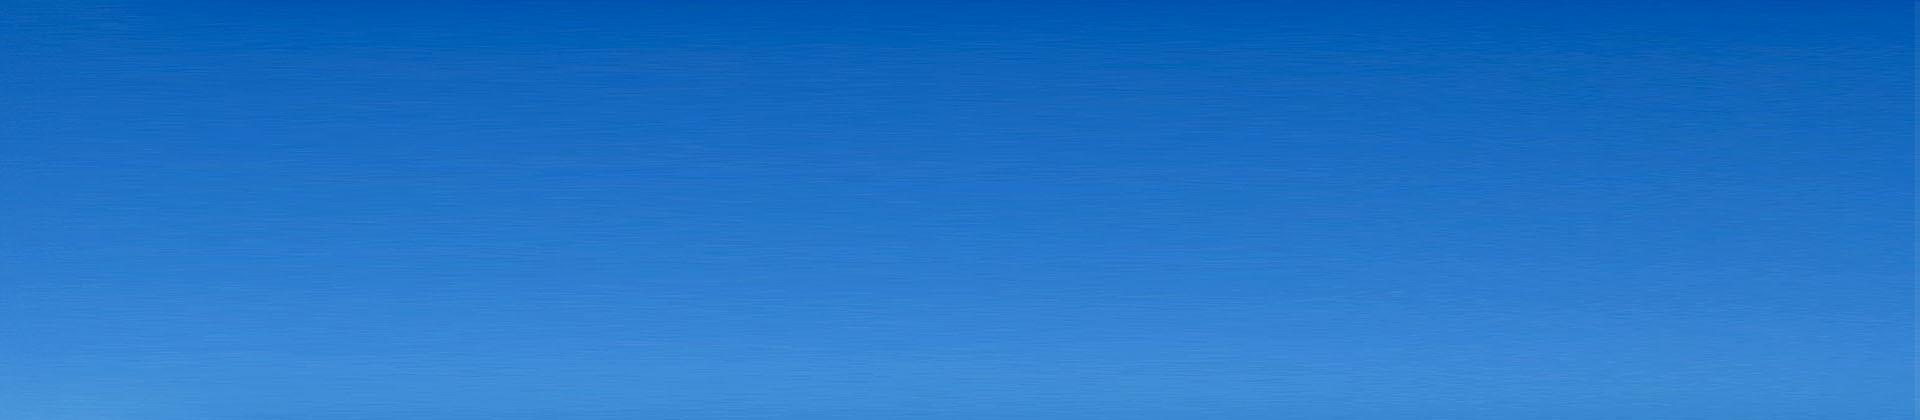 bg_blue_sky